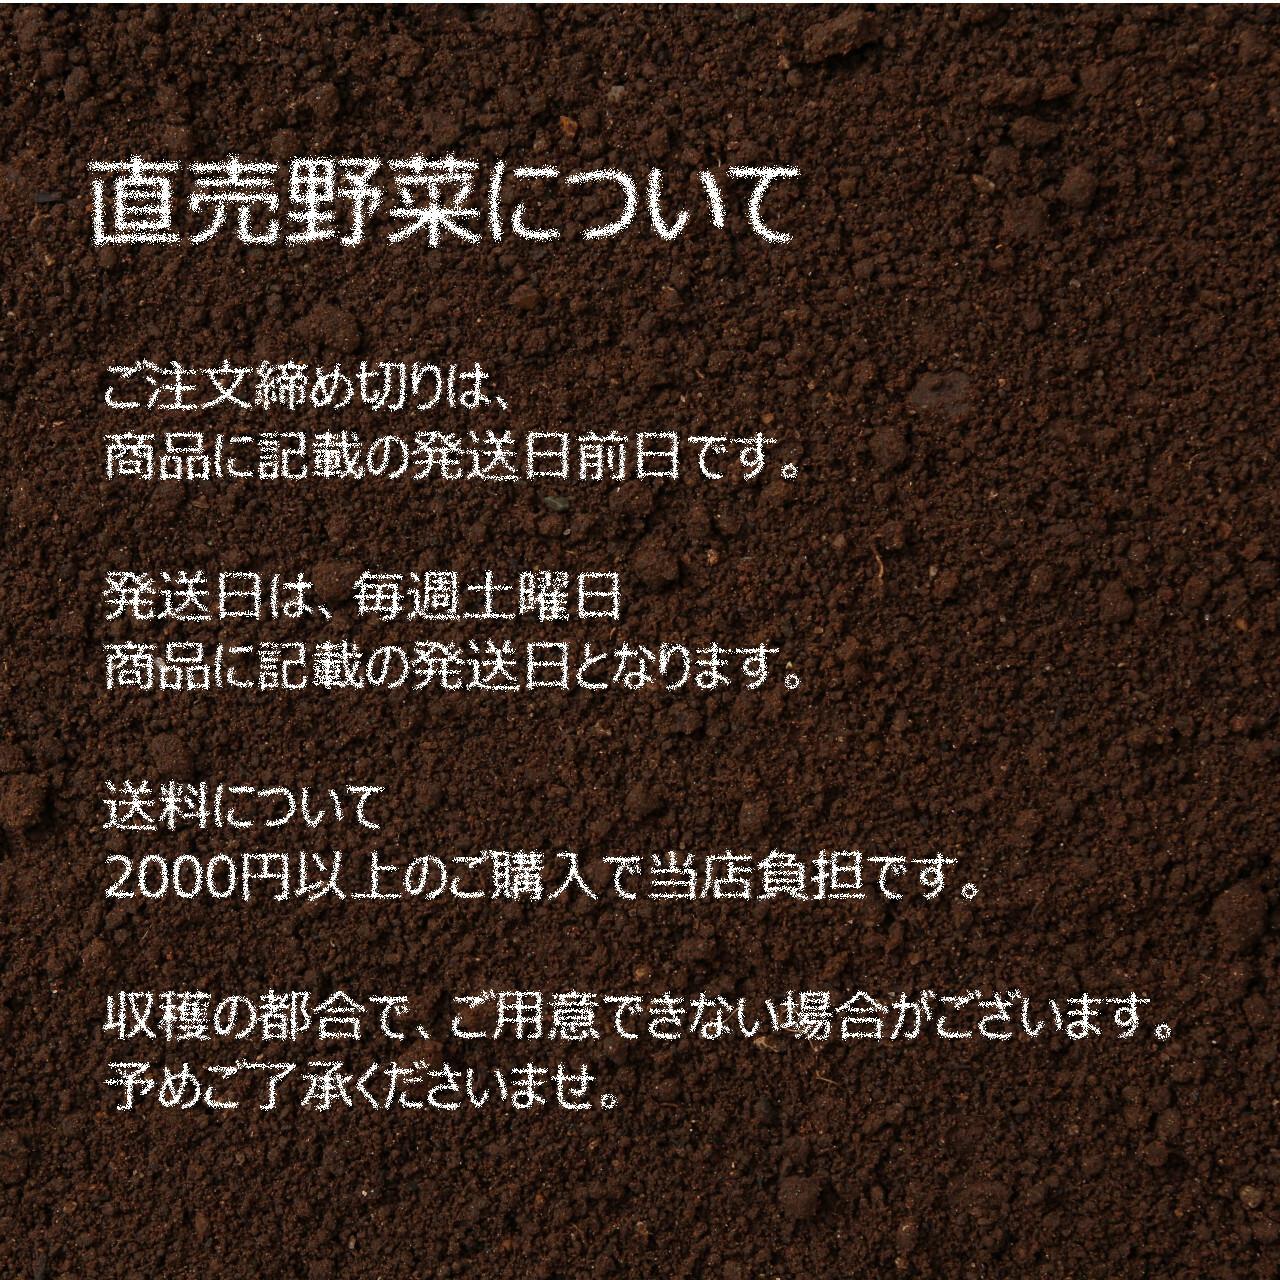 トマト 約 2~3個 : 6月の朝採り直売野菜 春の新鮮野菜 6月6日発送予定